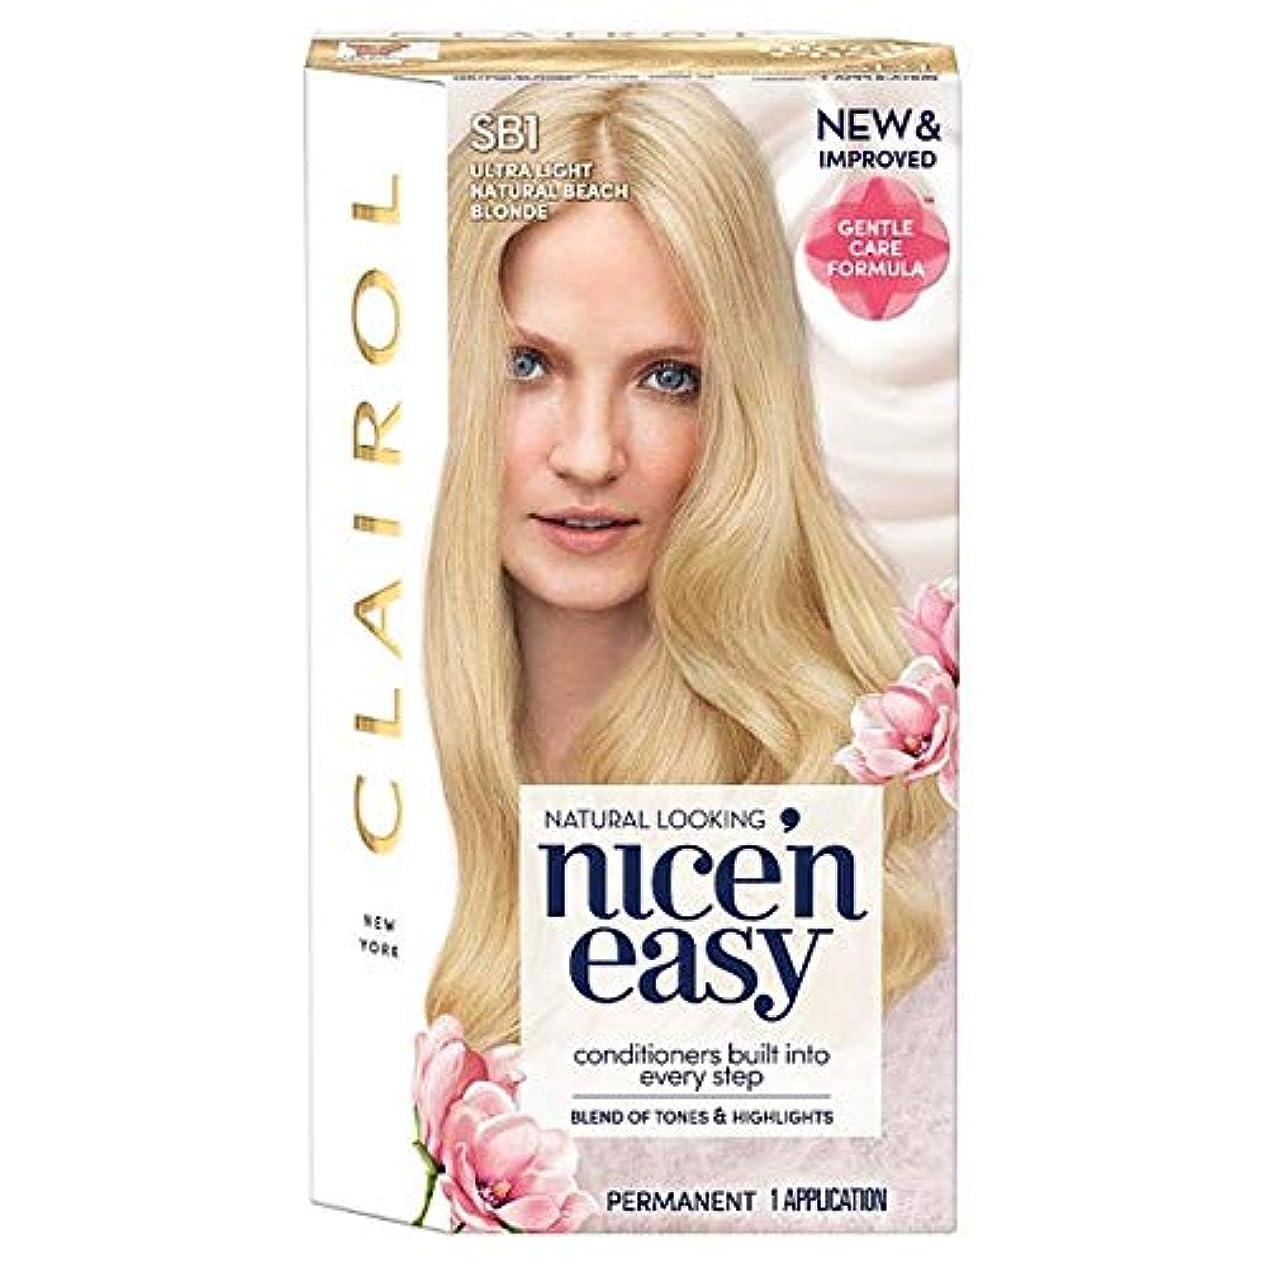 議題導入する規則性[Nice'n Easy] クレイロール素敵な「N簡単超軽量ナチュラルブロンドビーチSb1の染毛剤 - Clairol Nice 'N Easy Ultra Light Natural Blonde Beach Sb1...